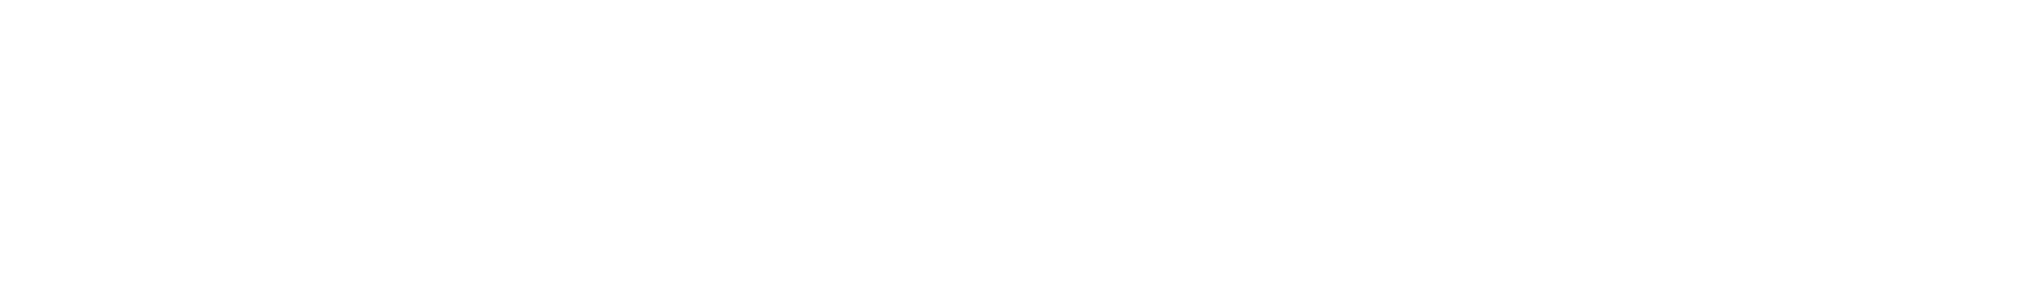 Crowdfunding.com.au